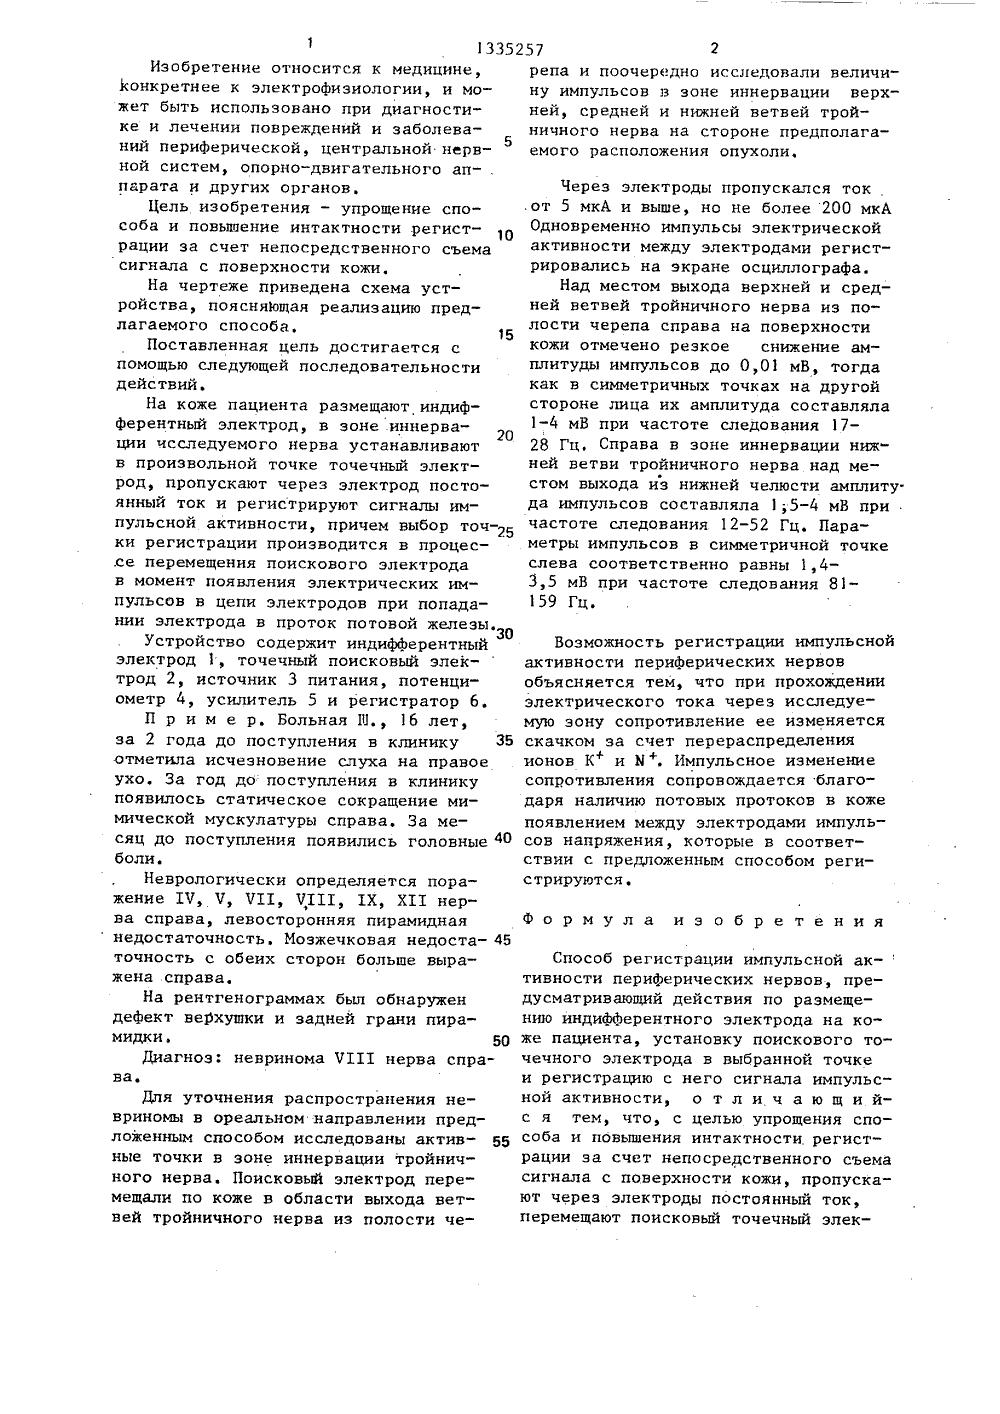 http://patentdb.su/patents_3/1335257-sposob-registracii-impulsnojj-aktivnosti-perifericheskikh-nervov-2.png